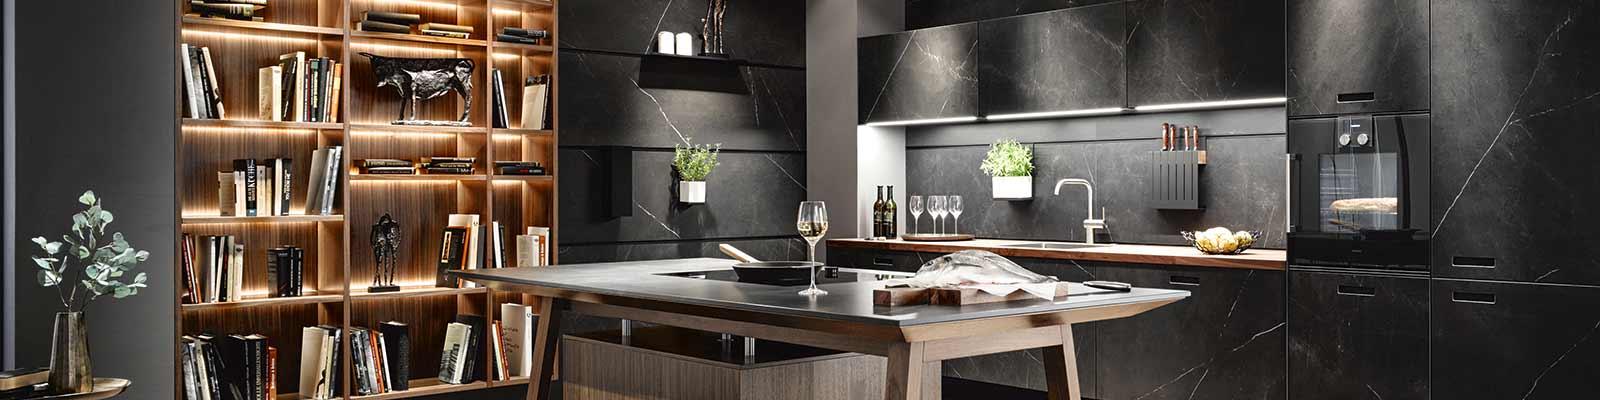 LMT Küchen - Individuelle Küchen aus Meisterhand